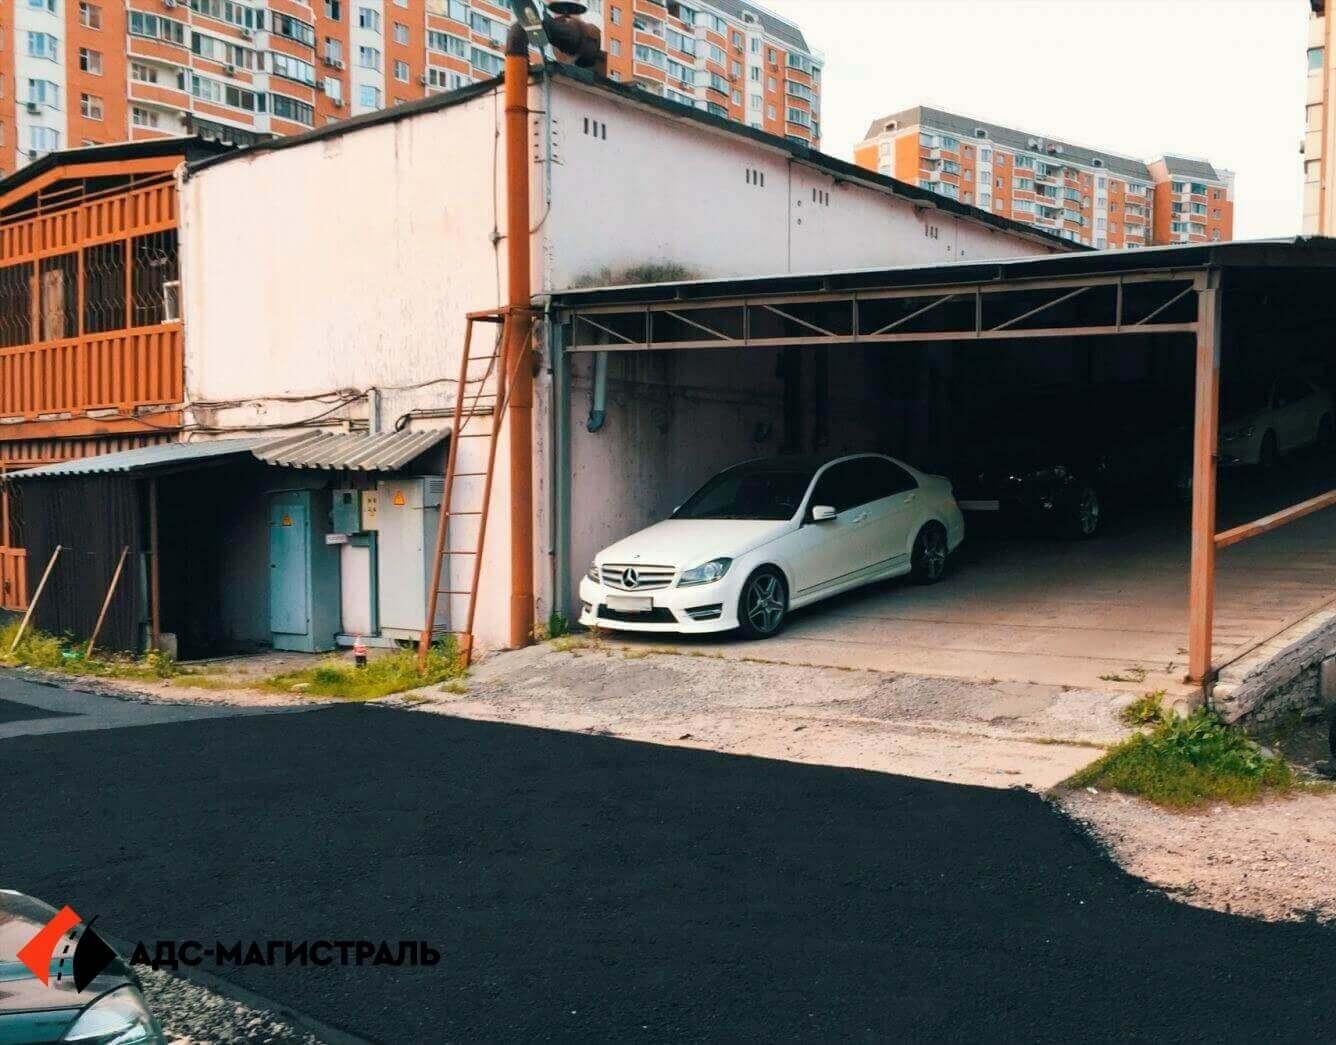 Асфальтирование территории гаражного массива фото 6